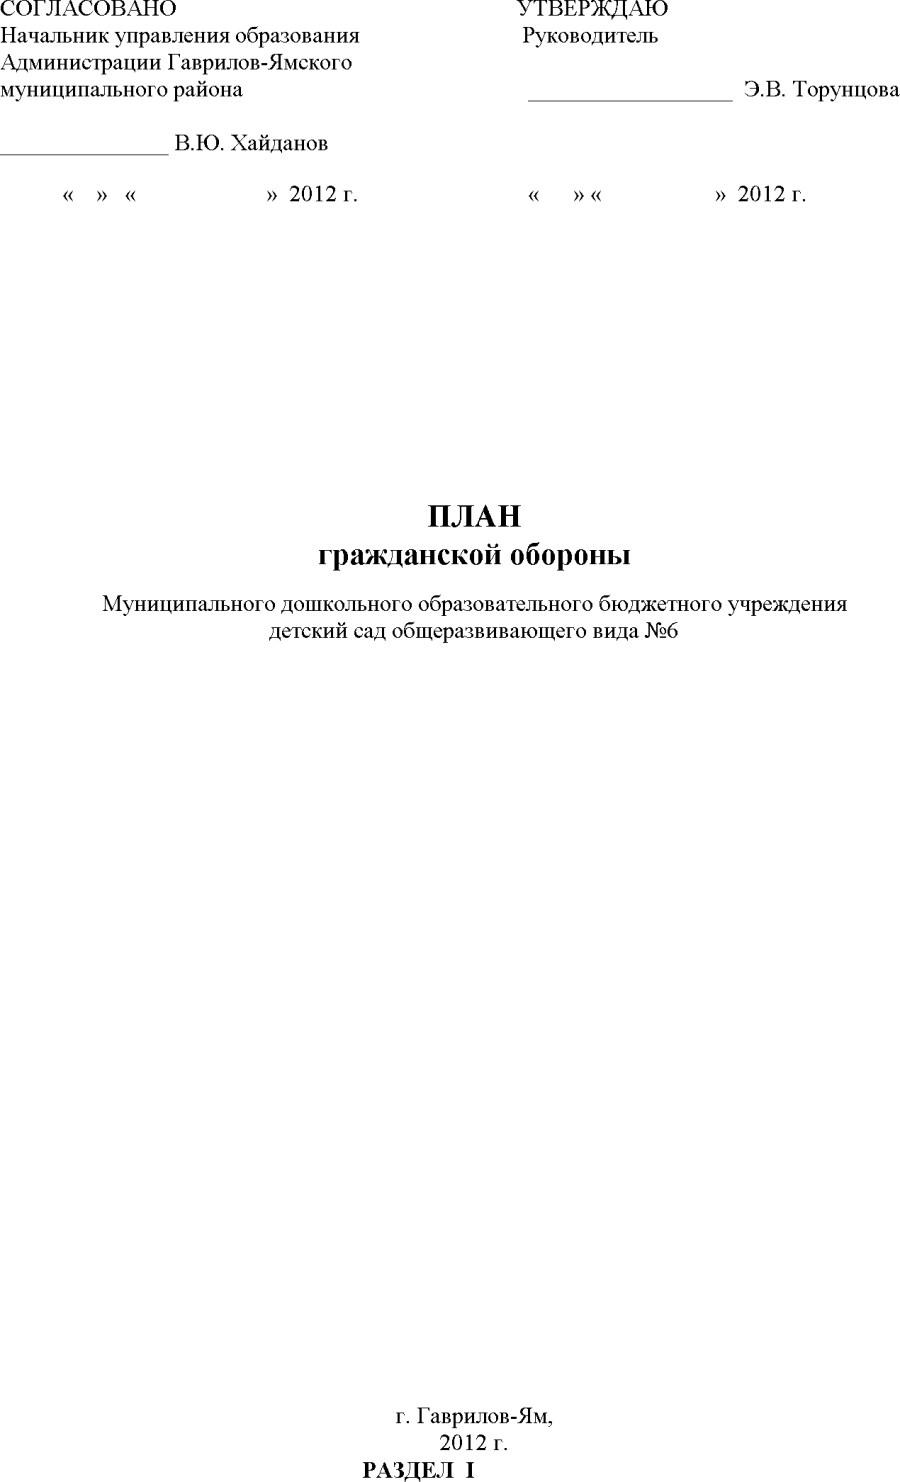 plan-go-obekta-prvv_gavrilovyam